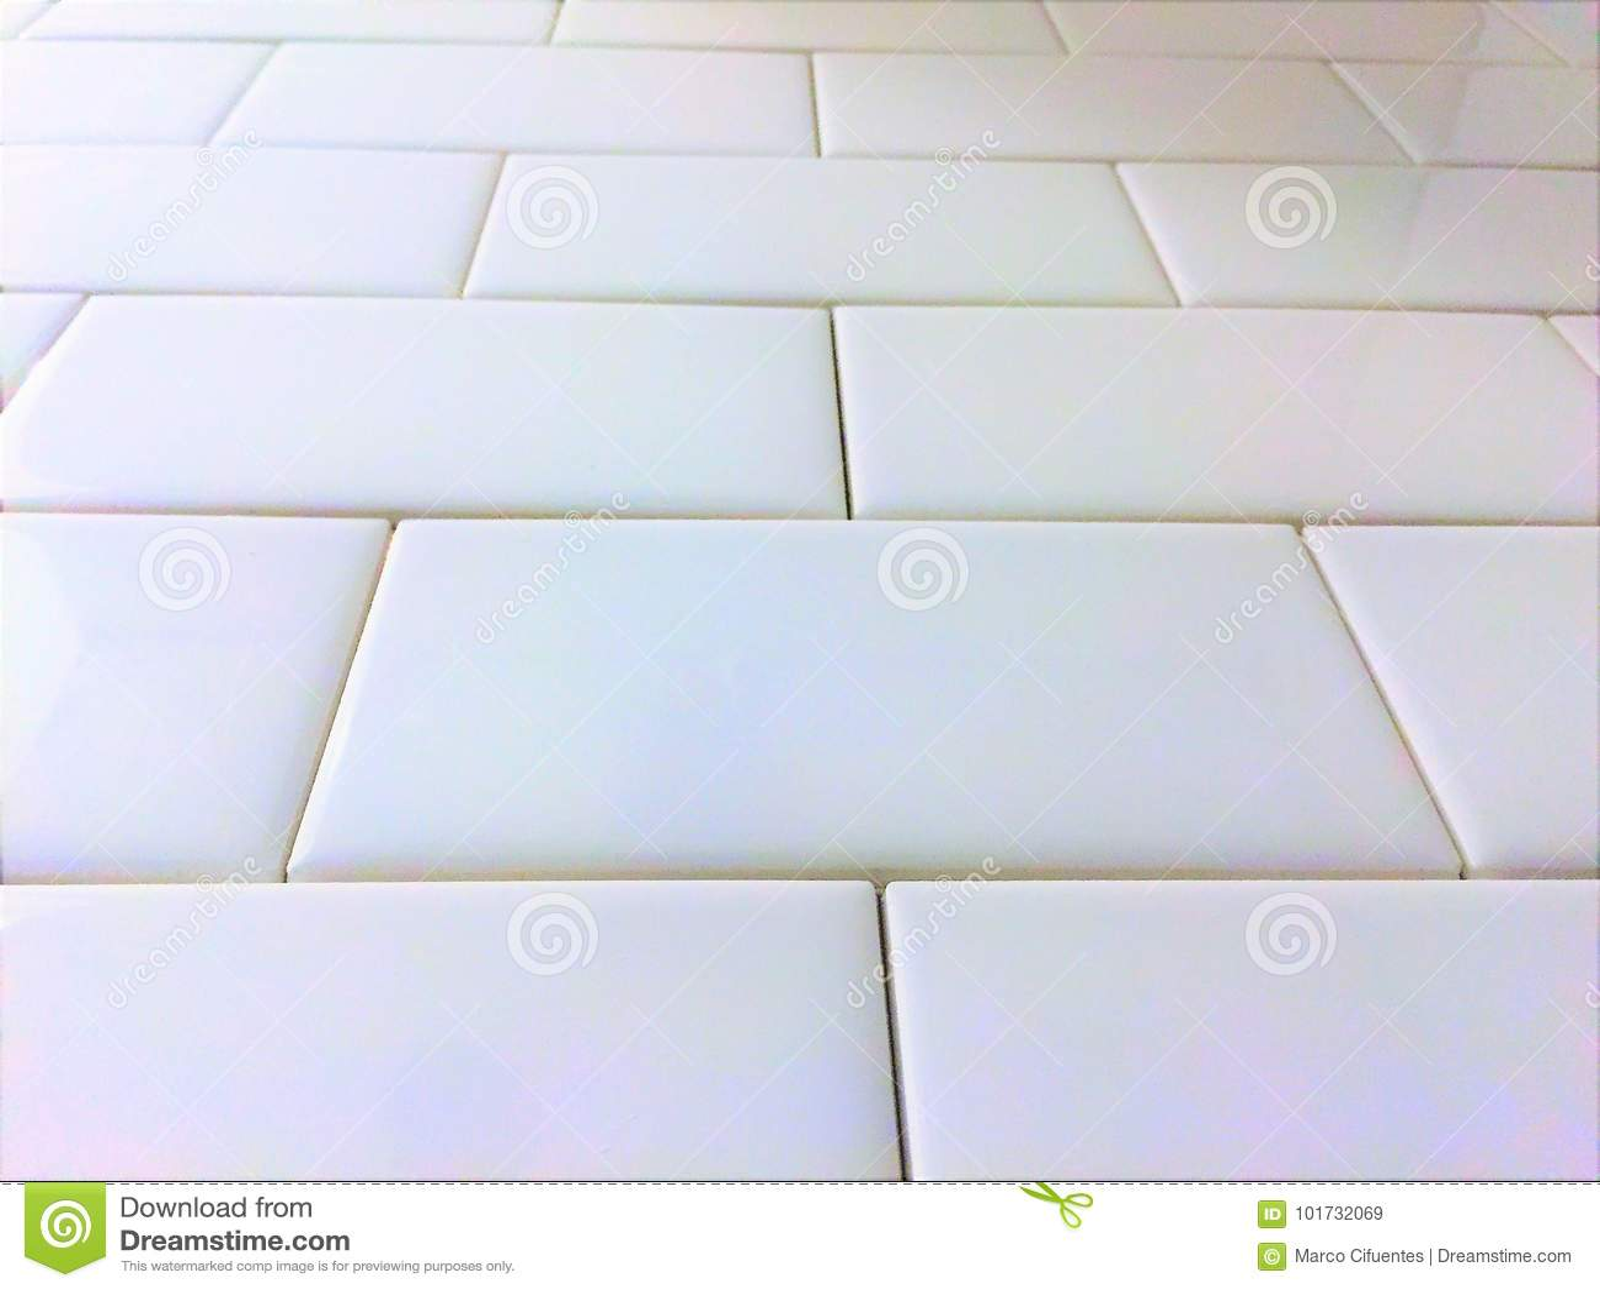 White Tile Backsplash Subway Pattern Stock Image - Image of shower ...